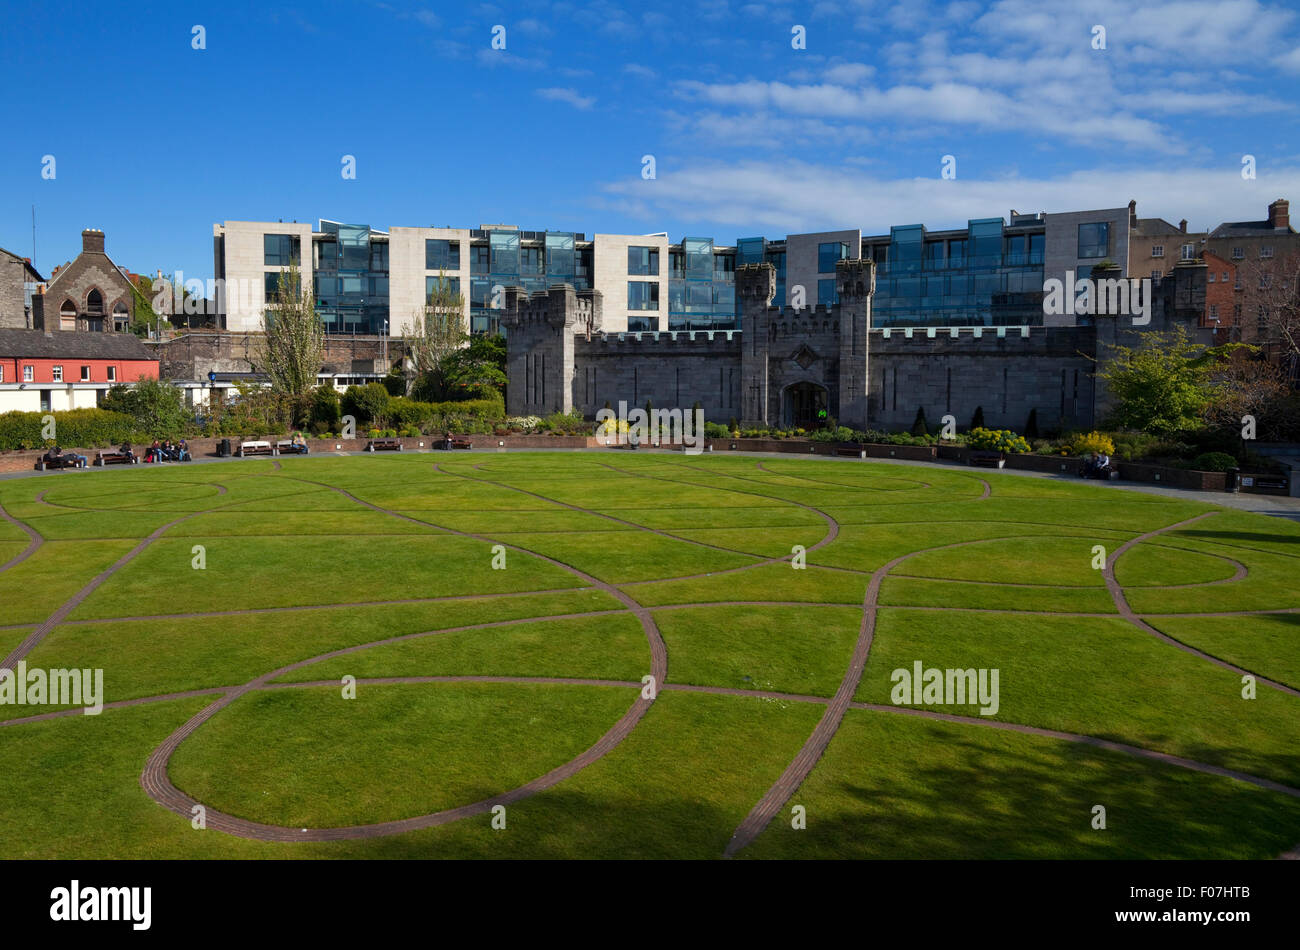 Dubh Linn Gardens Behind Dublin Castle, Dublin City, Ireland Stock Photo